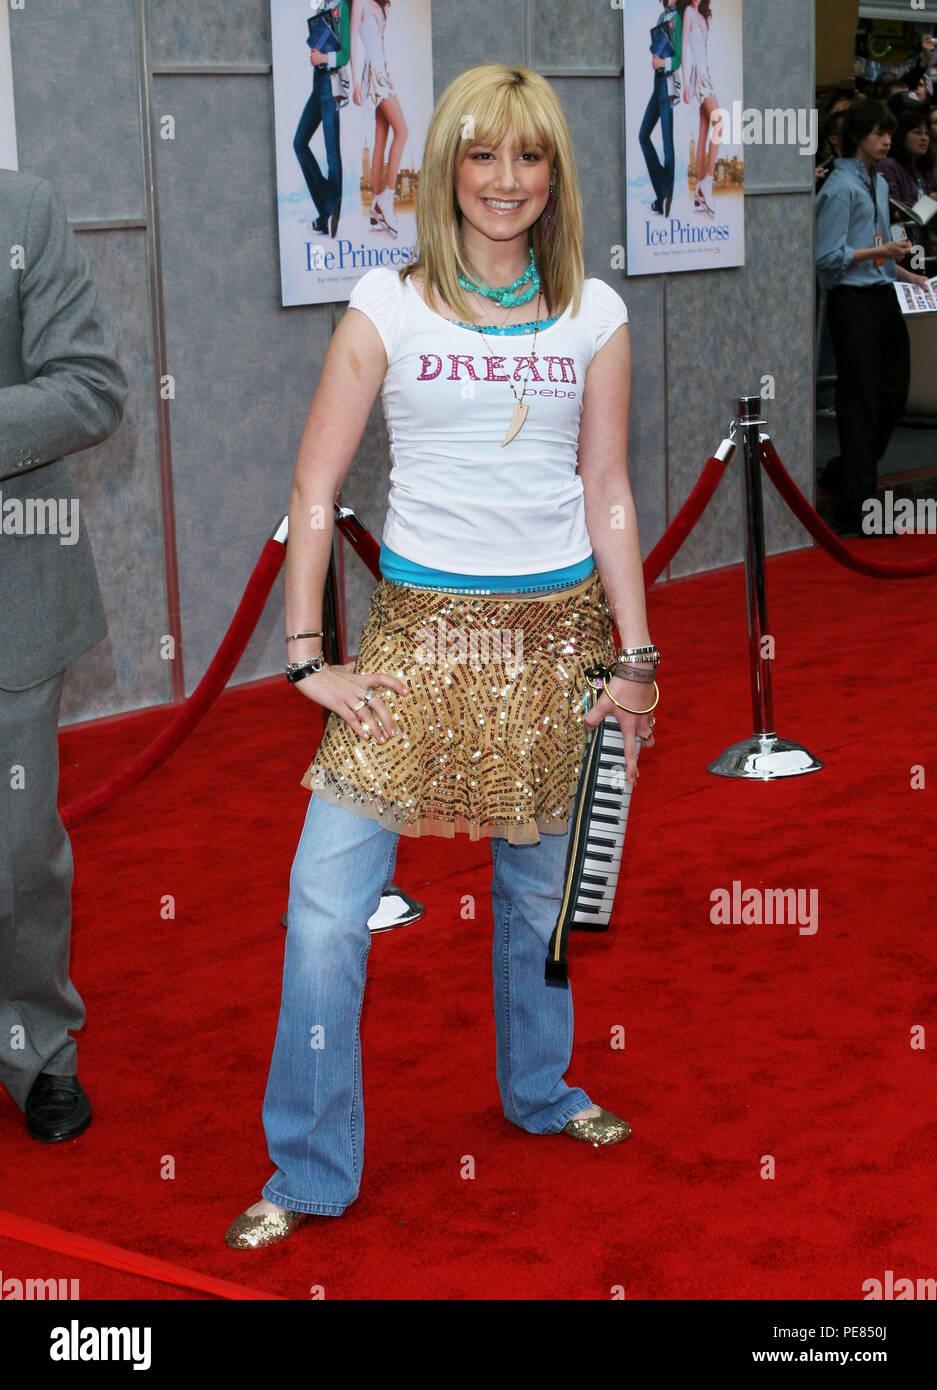 Resultado de imagem para ashley tisdale red carpet